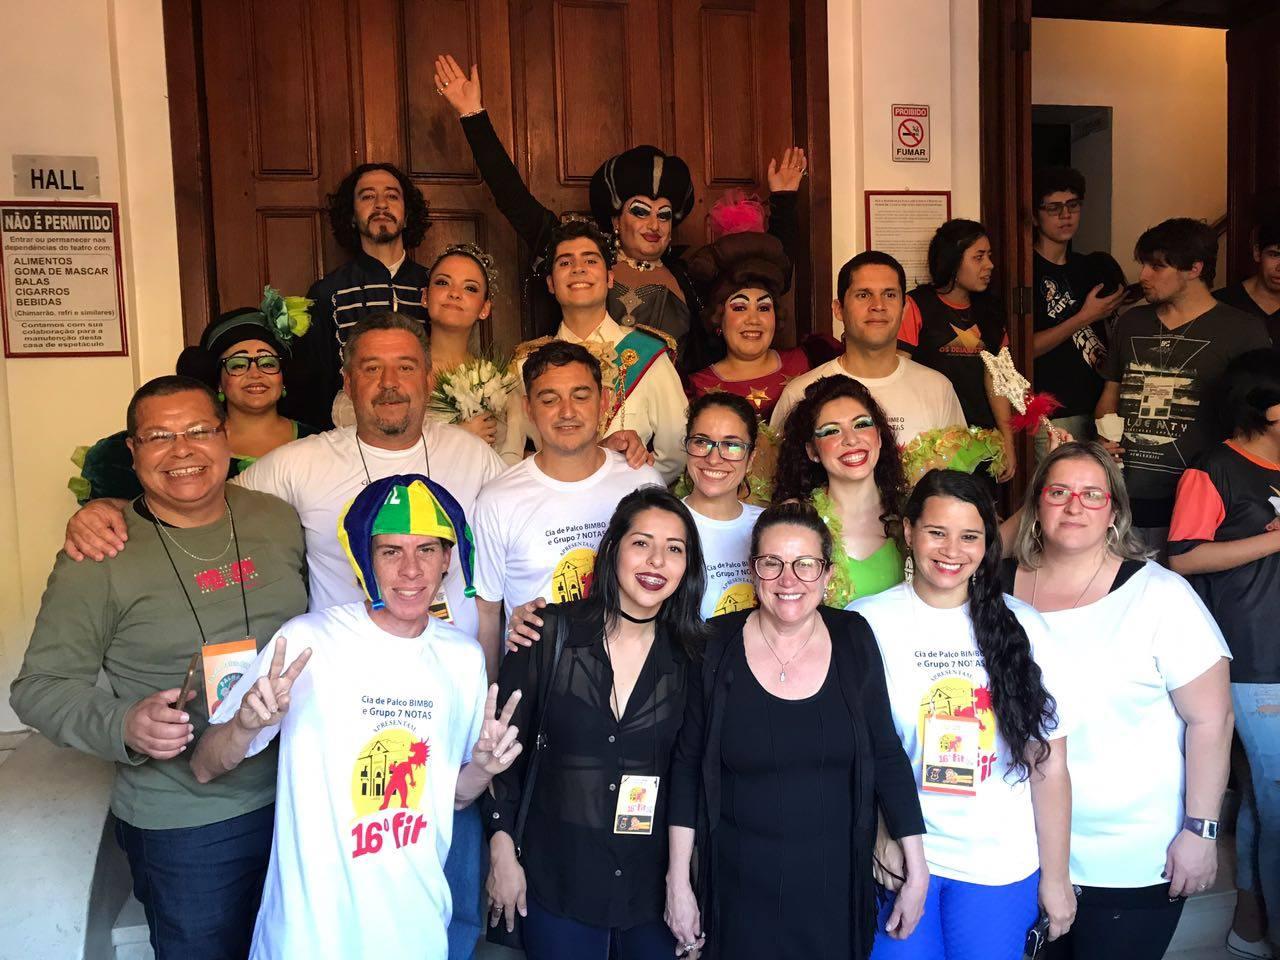 Equipe de organização do Festival com o Grupo de Teatro Elenco de Estúdio Mágico, de Corrientes, Ar.